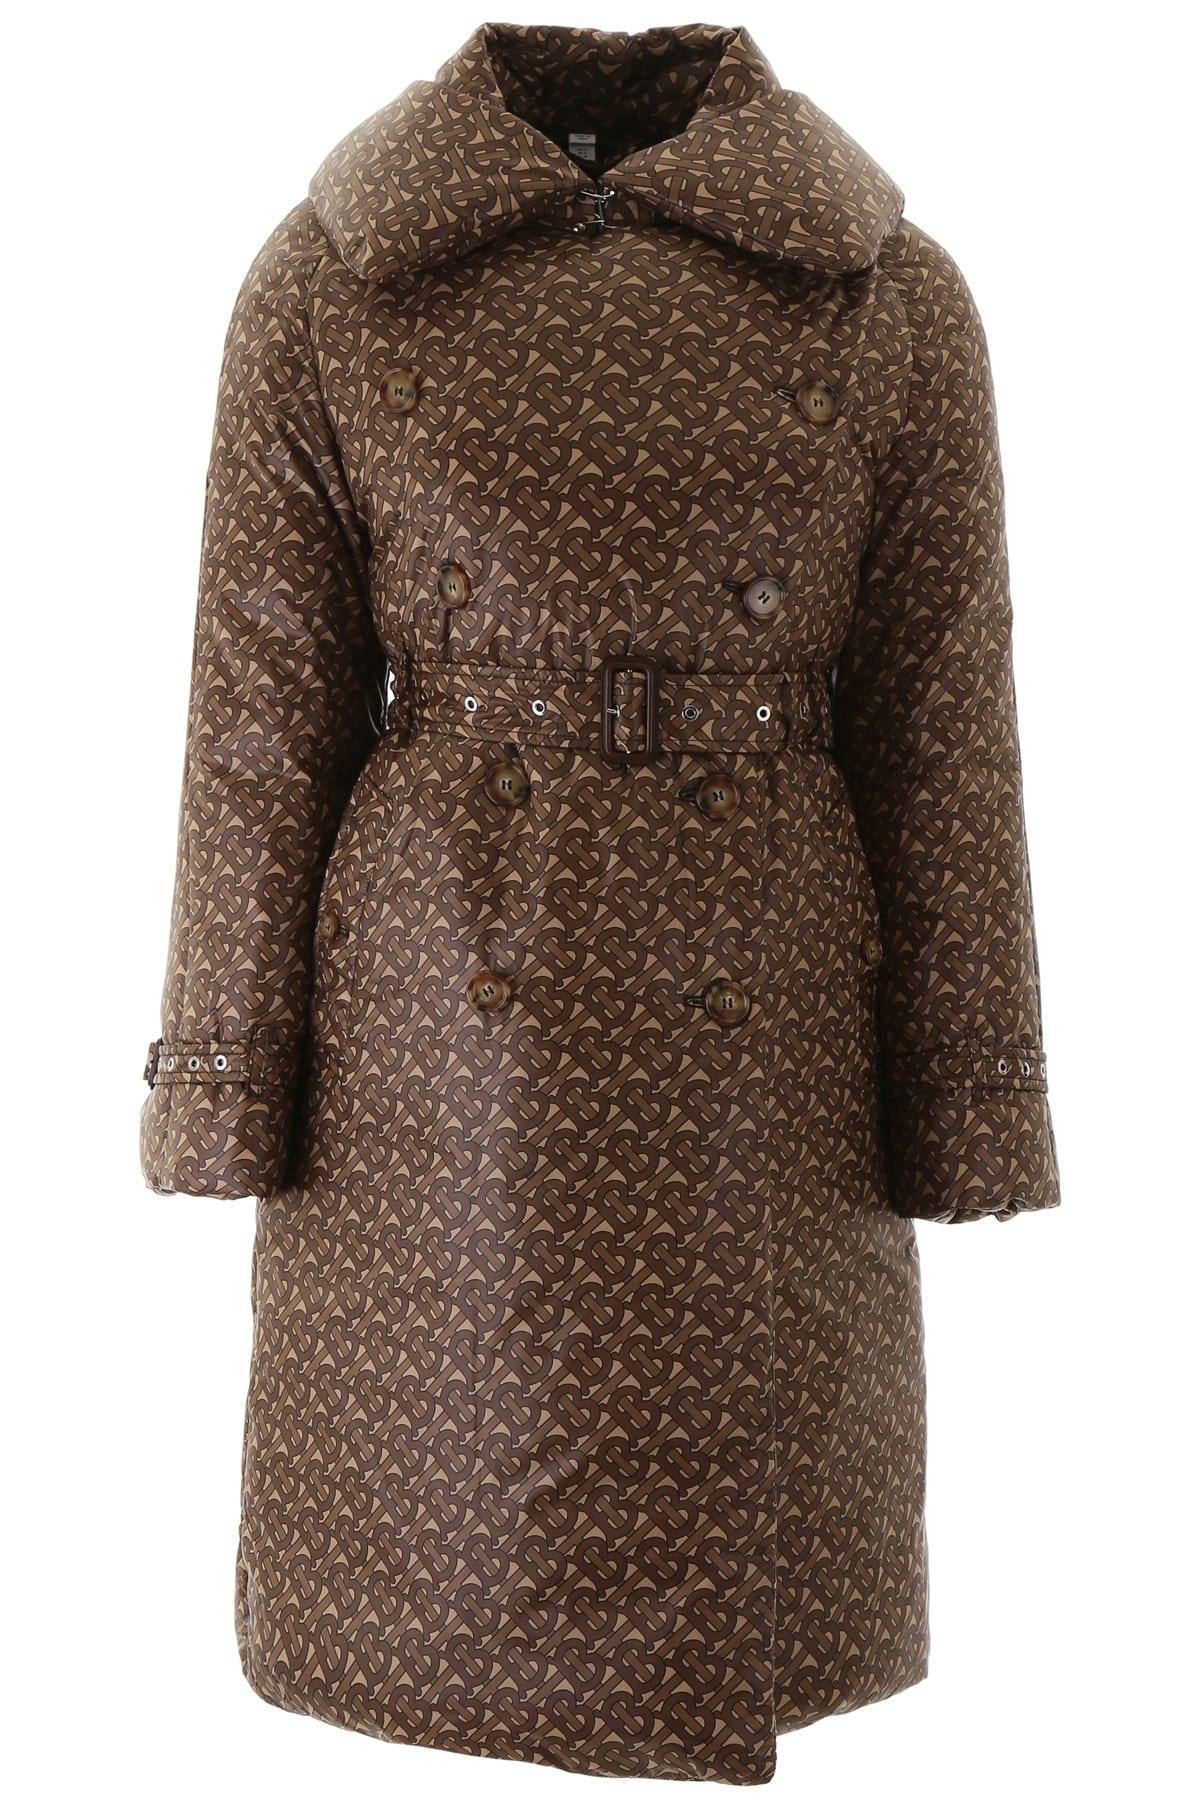 Burberry Monogram Nylon Trench Coat